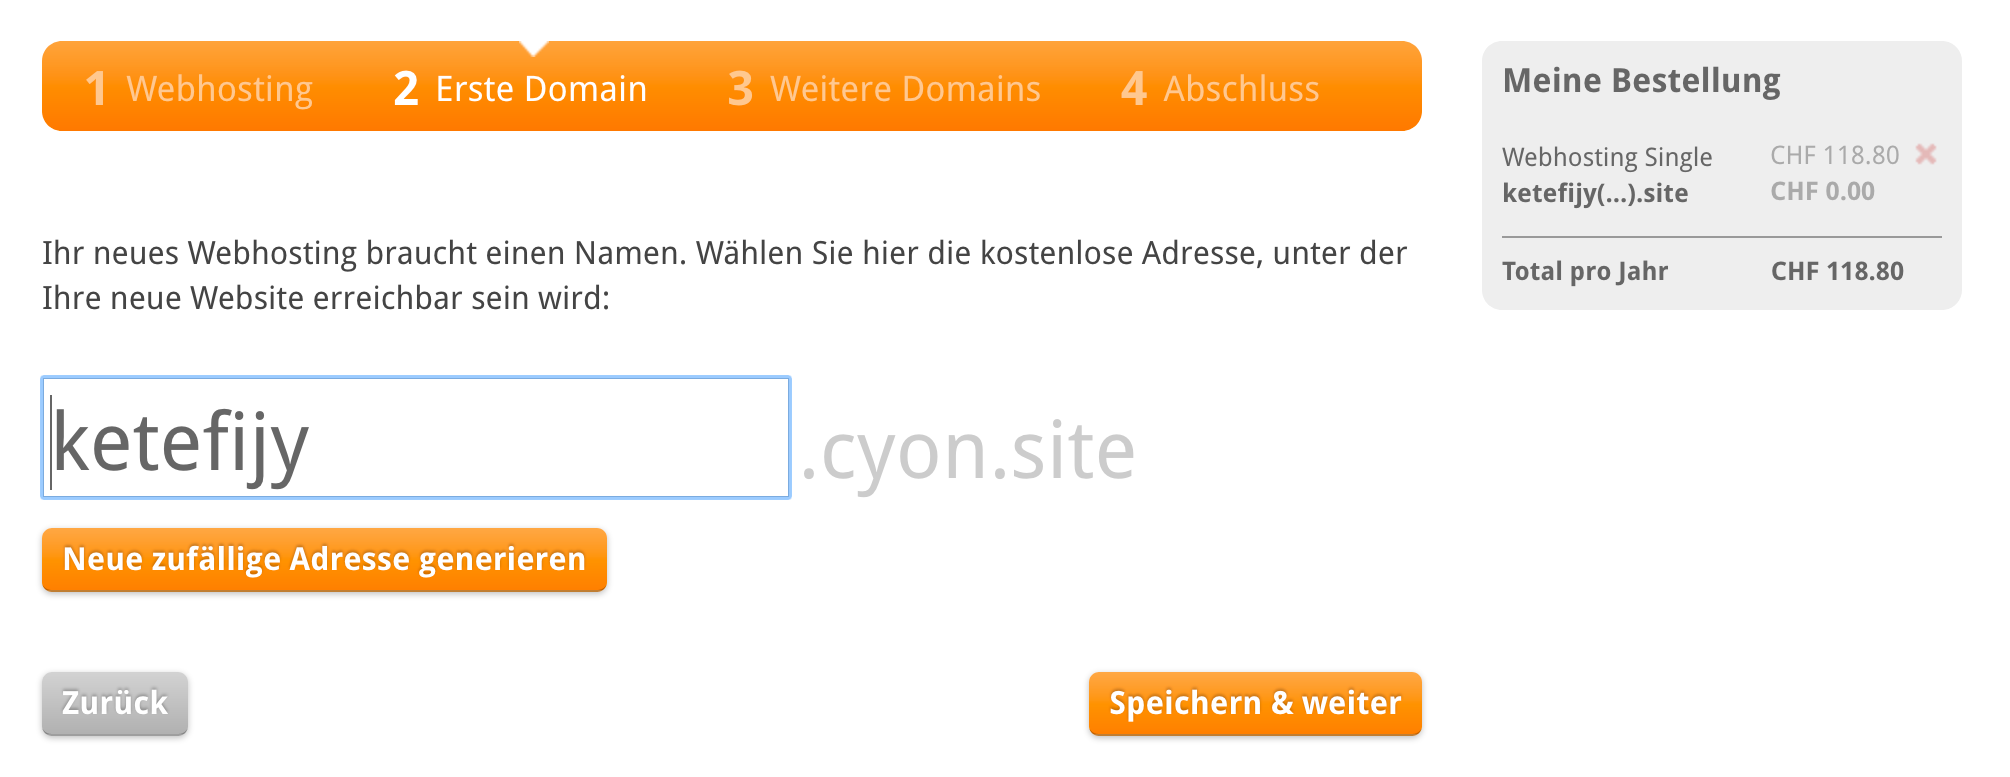 Zufällig generierter Name für Ihr Webhosting